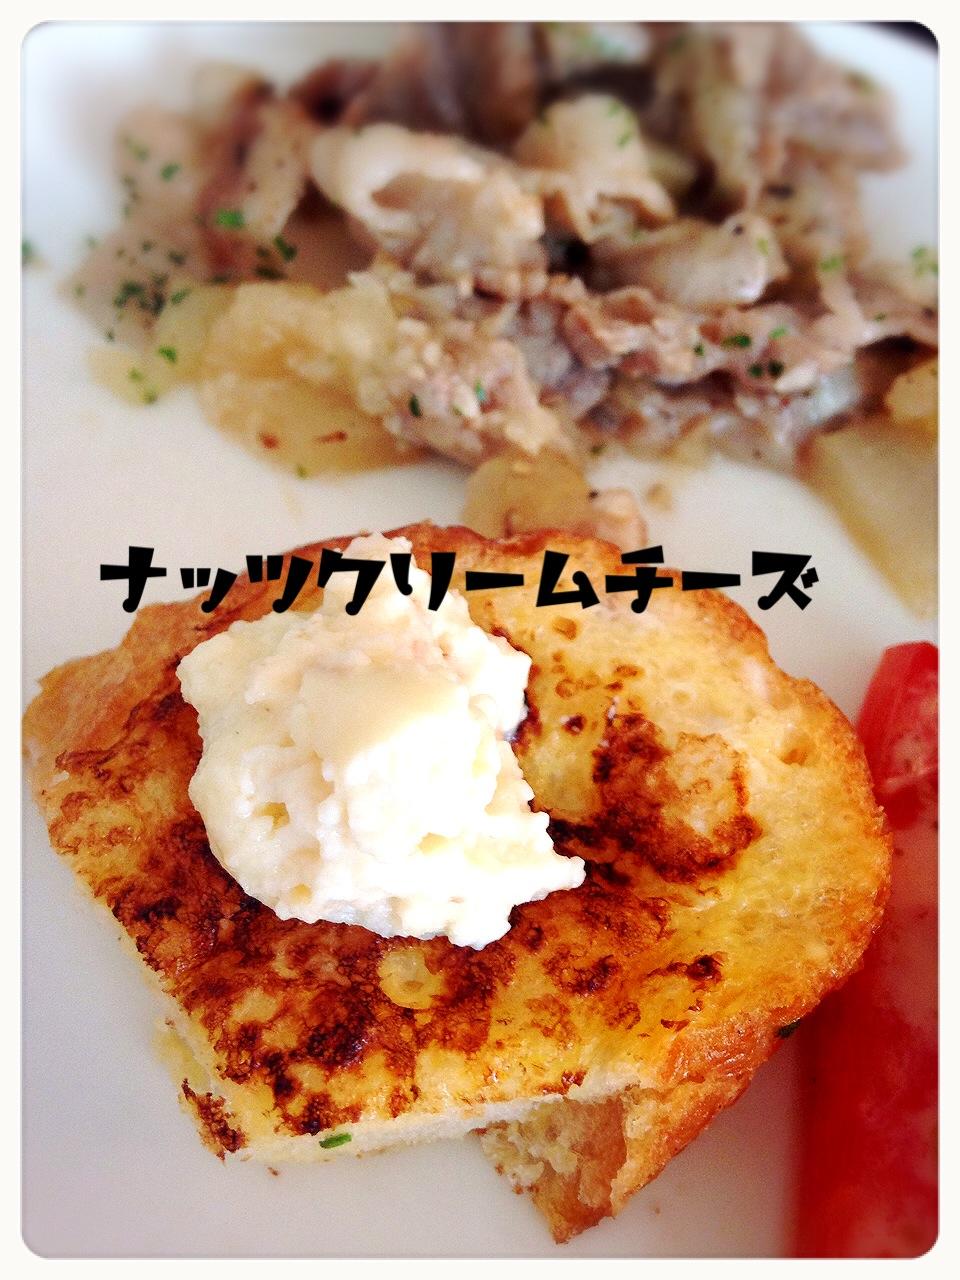 20150117_094157000_iOS.jpg